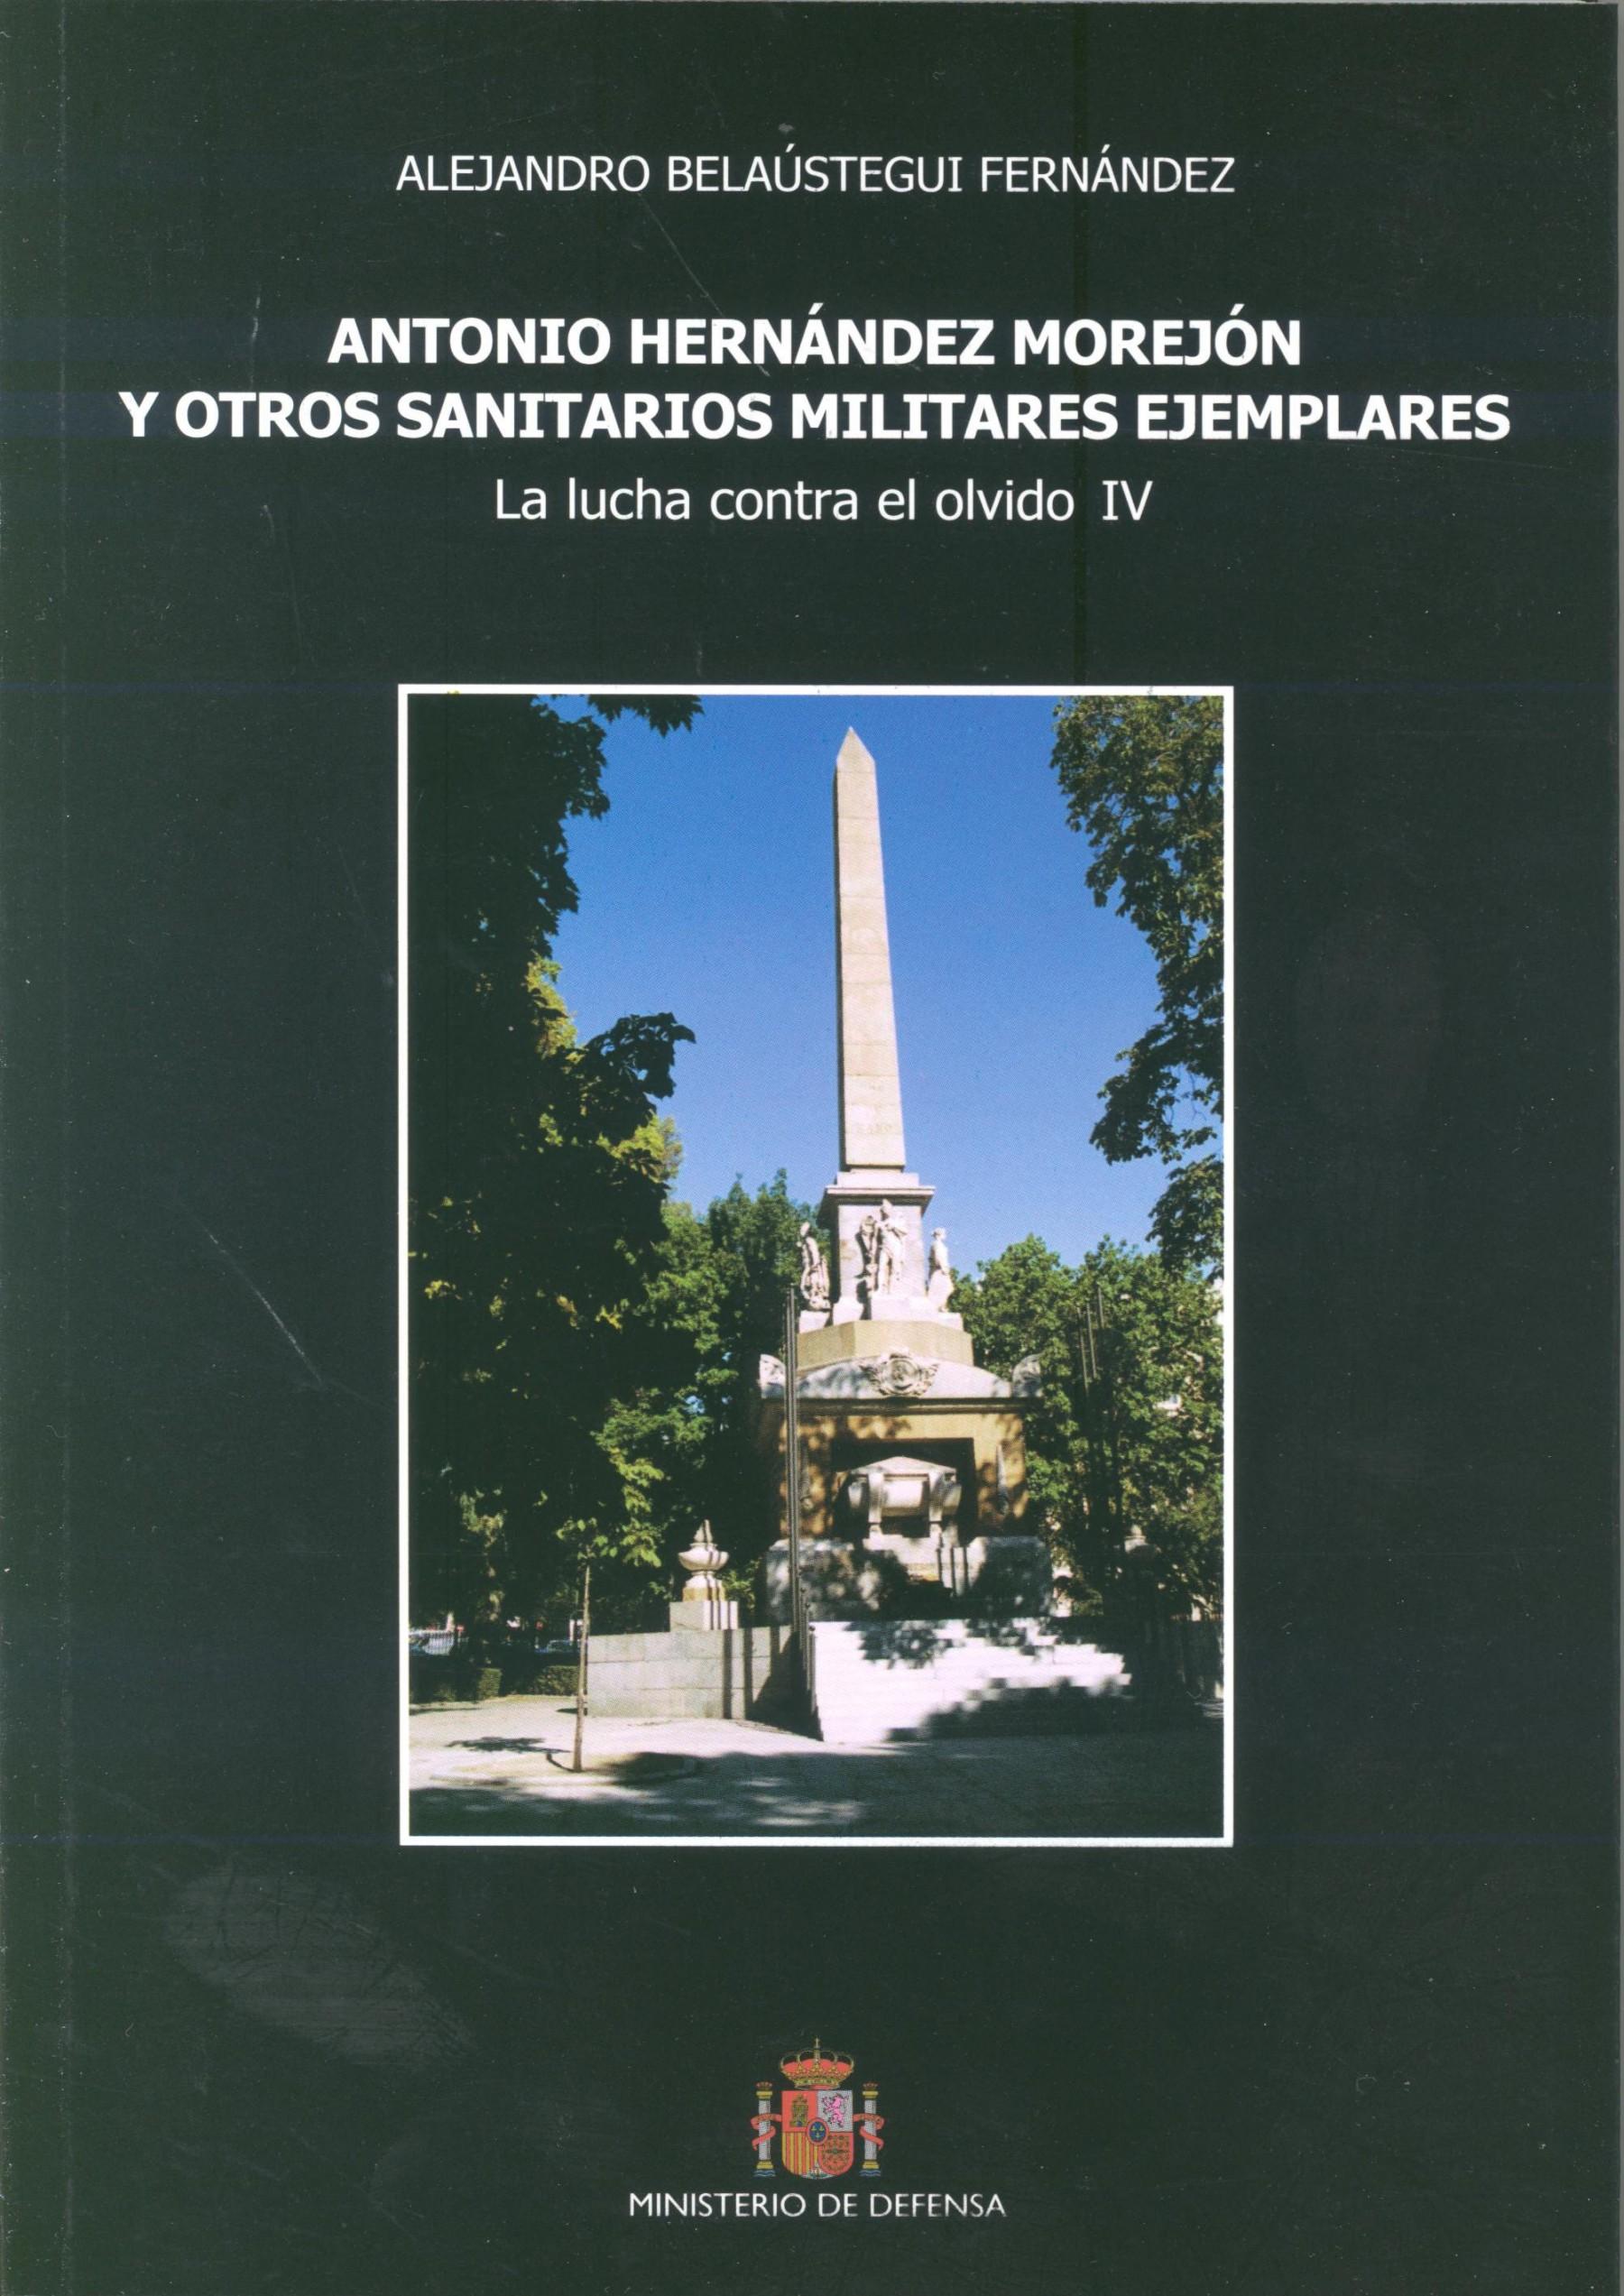 ANTONIO HERNÁNDEZ MOREJÓN Y OTROS SANITARIOS MILITARES EJEMPLARES: LA LUCHA CONTRA EL OLVIDO IV